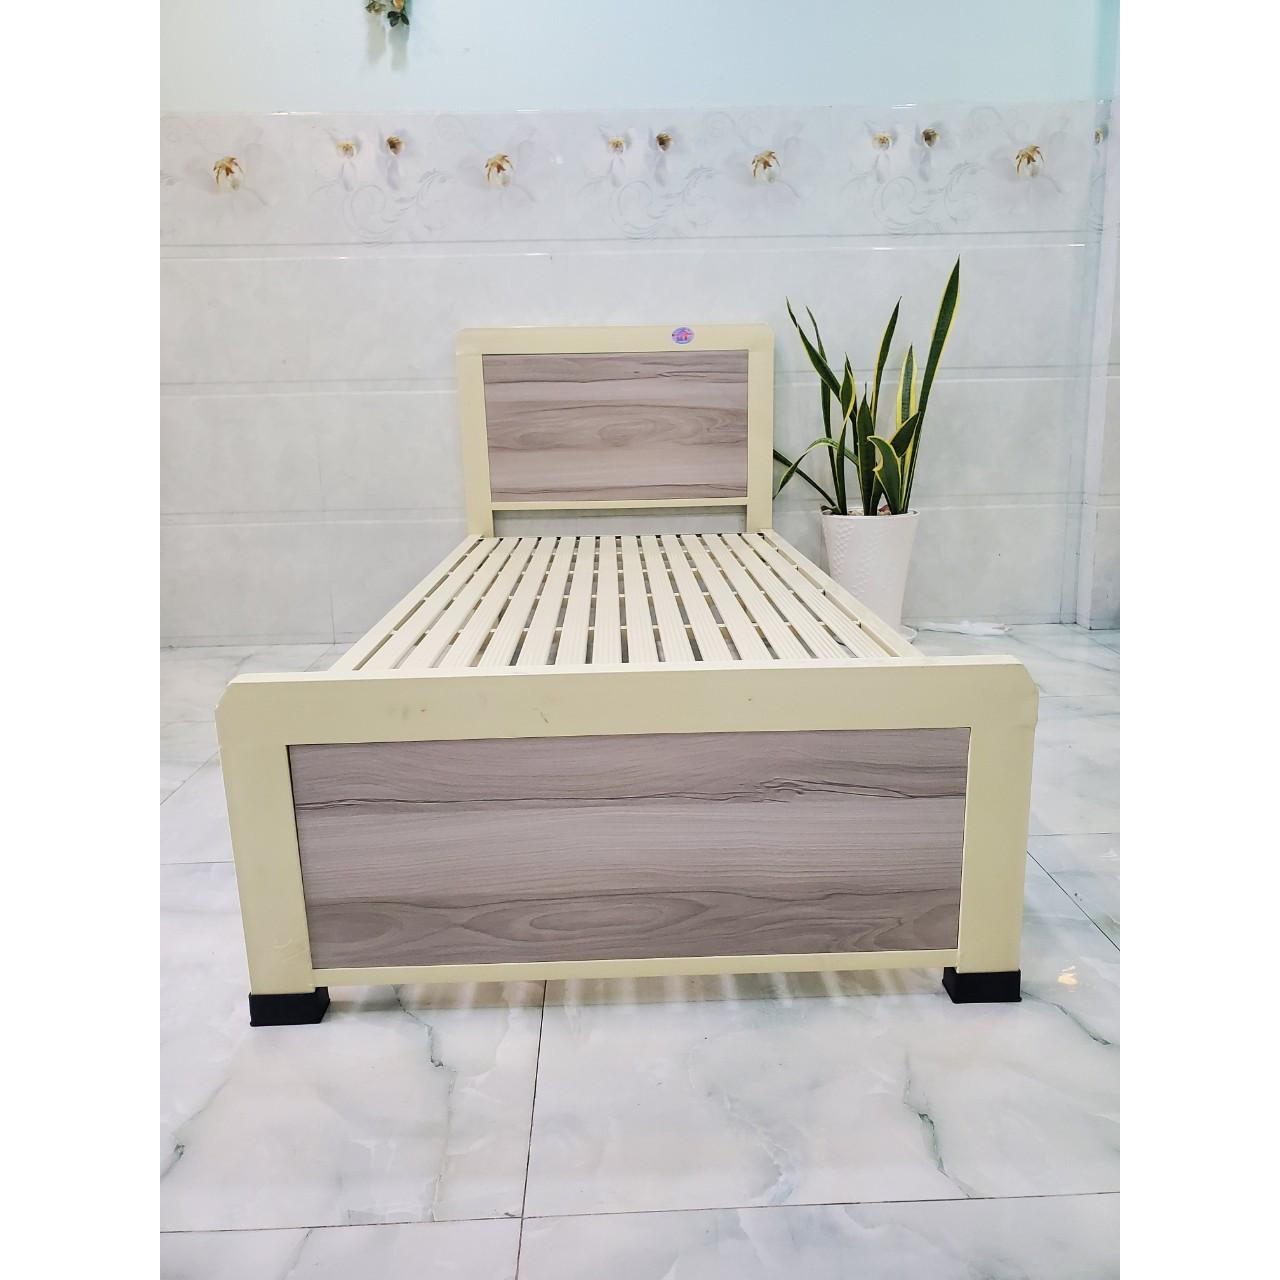 Giường sắt kiểu gỗ cách điệu đầu giường sơn tĩnh điện kích thước 1m2x2m - Mẫu 43